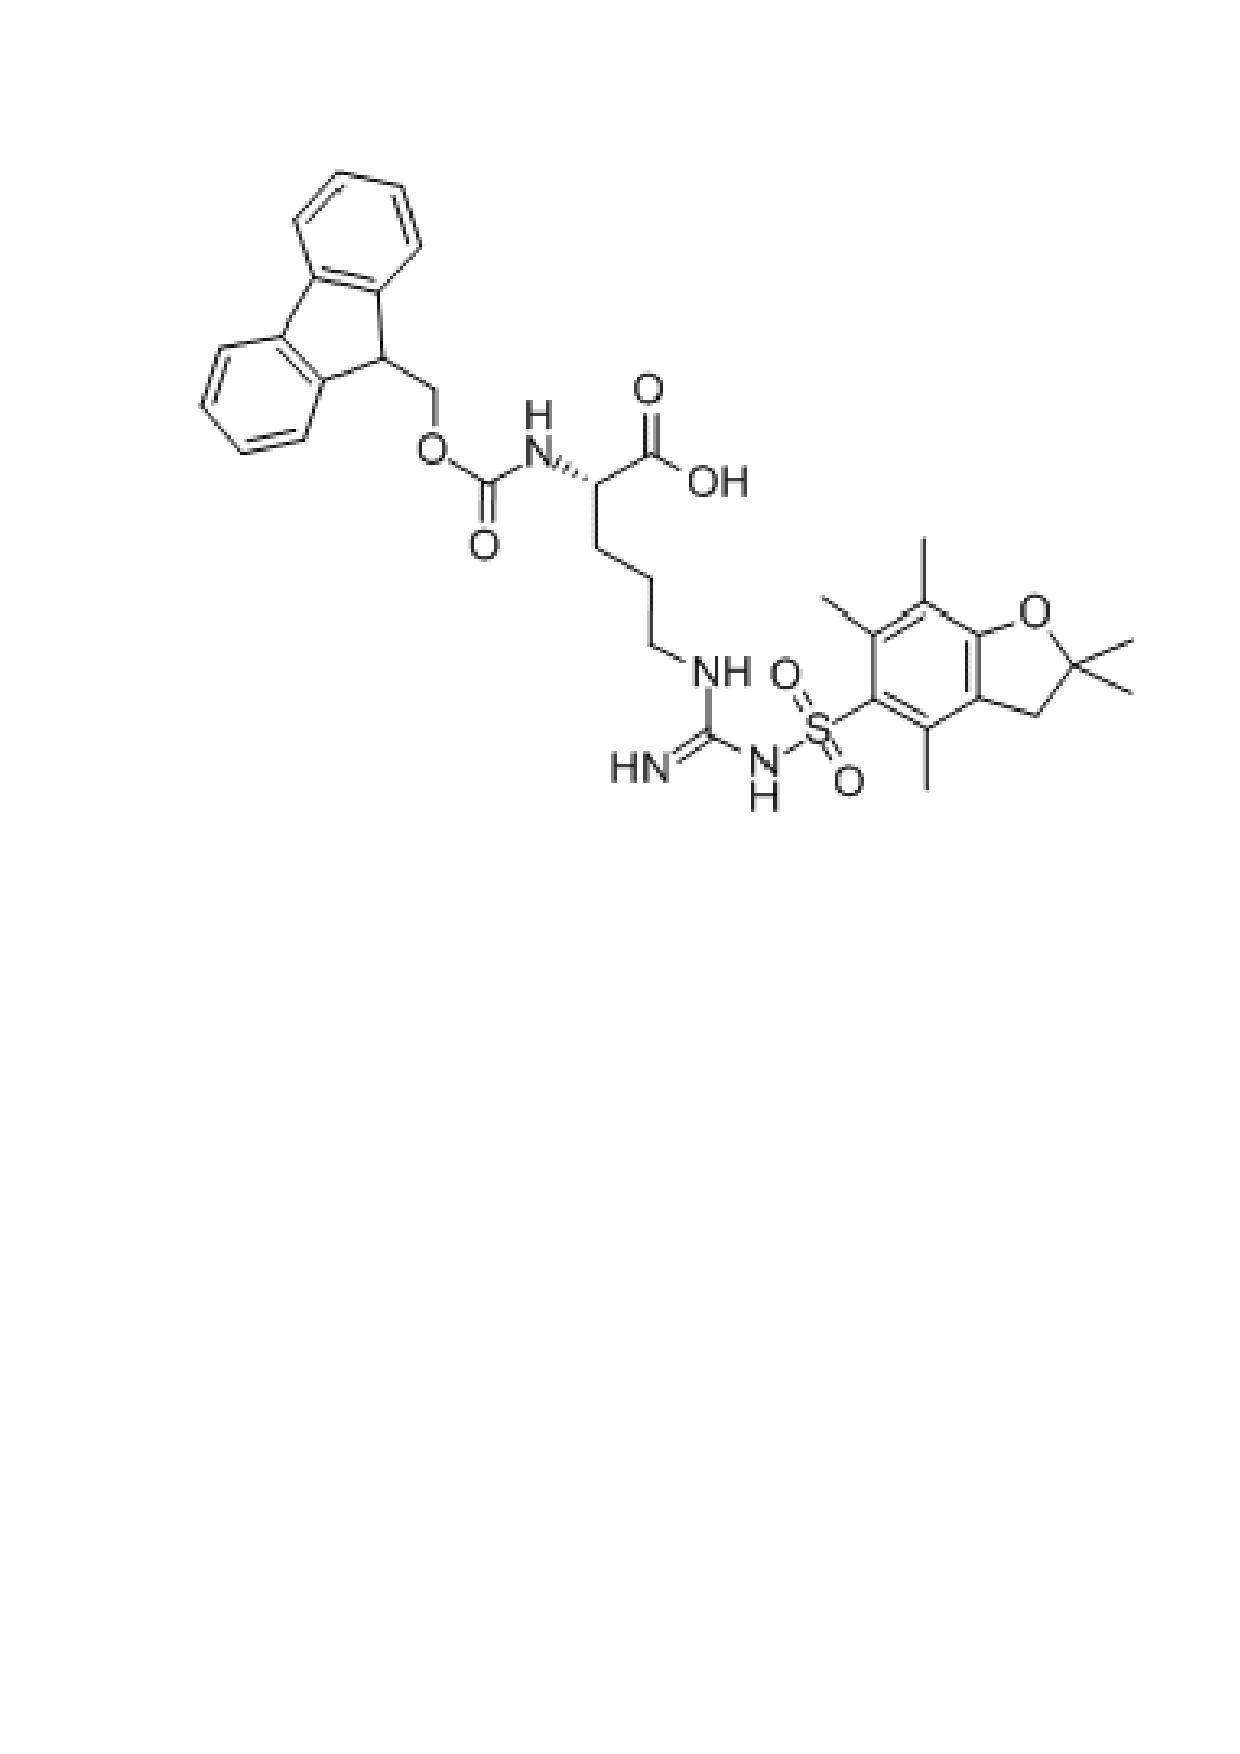 FMOC-Arg(Pbf)-OH, CAS NO: 154445-77-9